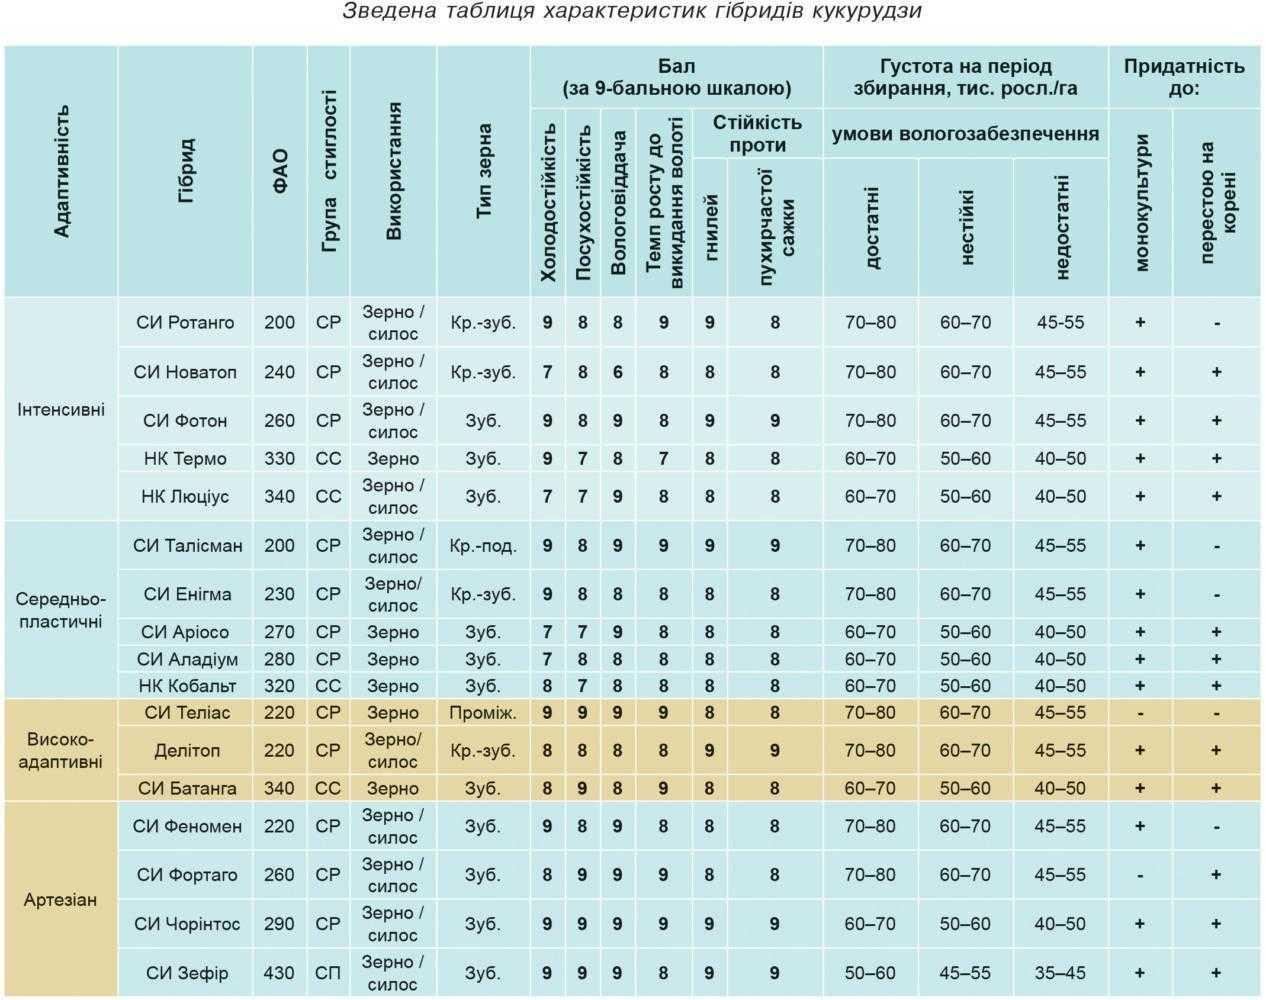 Зведена таблиця характеристик гібридів кукурудзи